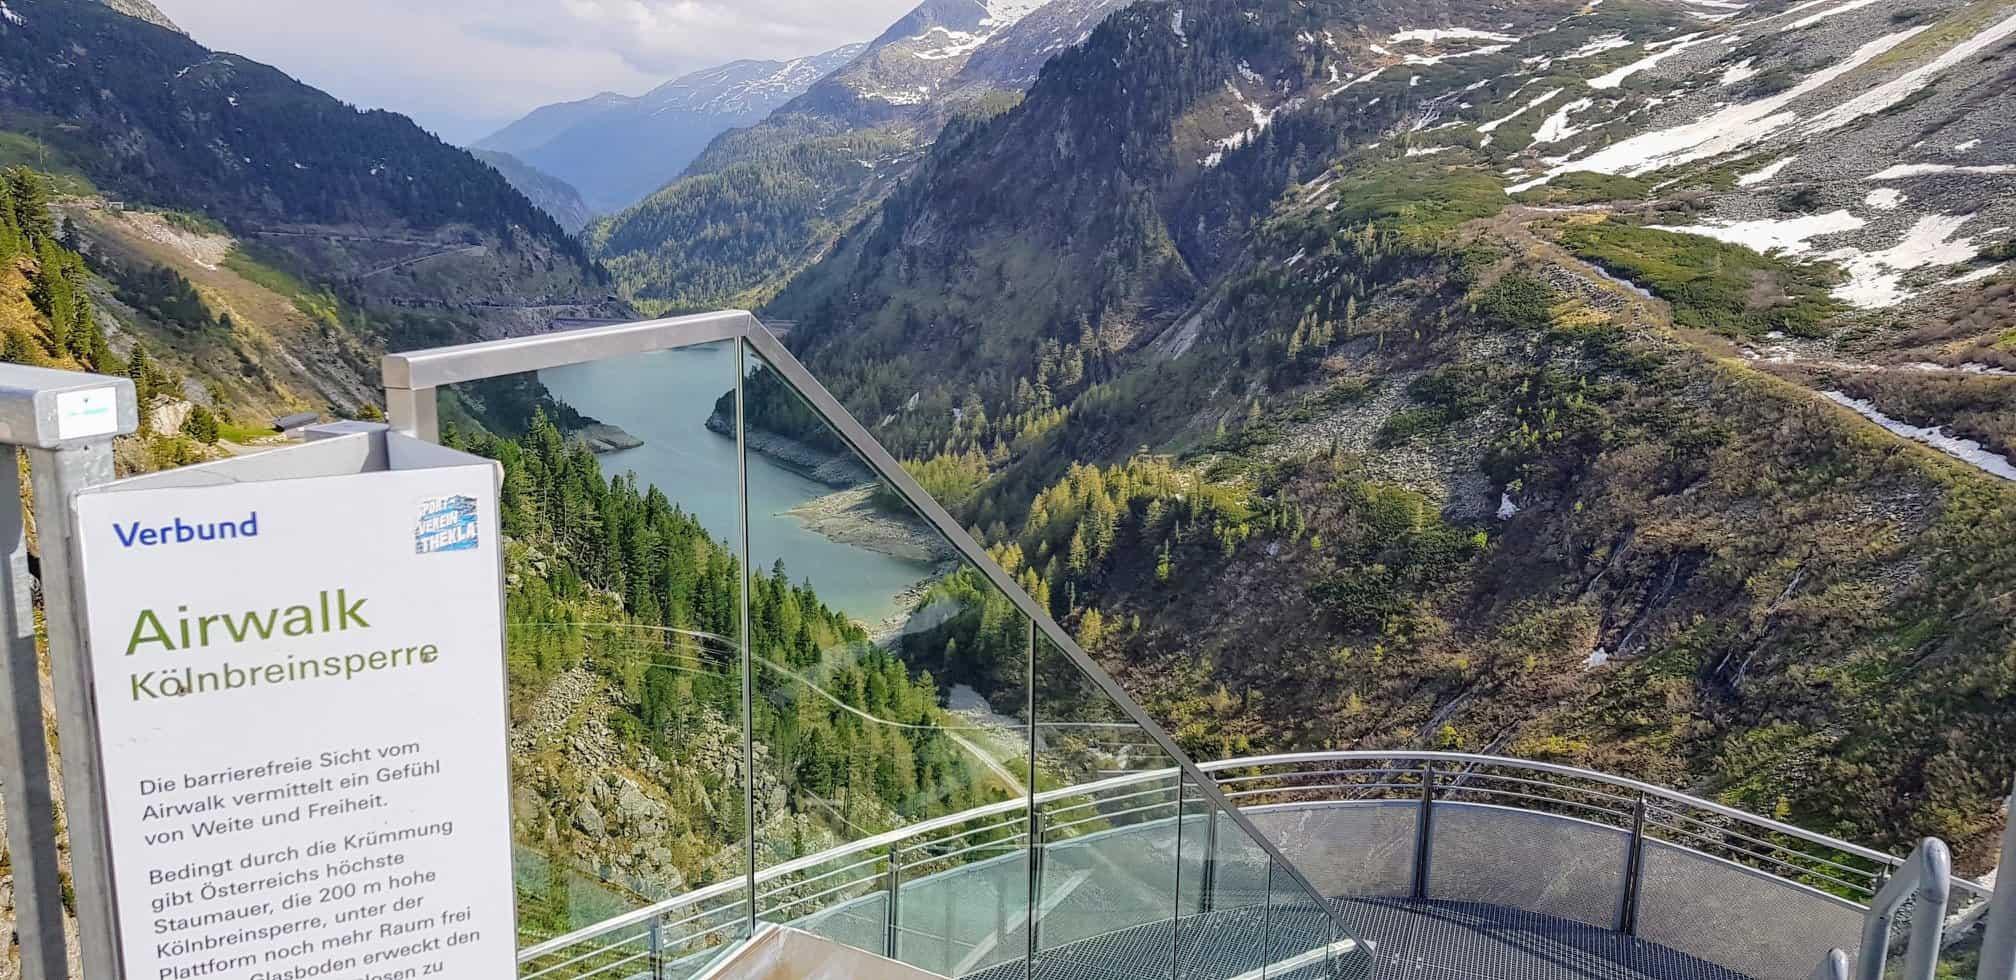 Airwalk Kölnbreinsperre - barrierefreie Sicht auf Bergwelt im Maltatal - Nationalpark Hohe Tauern in Kärnten